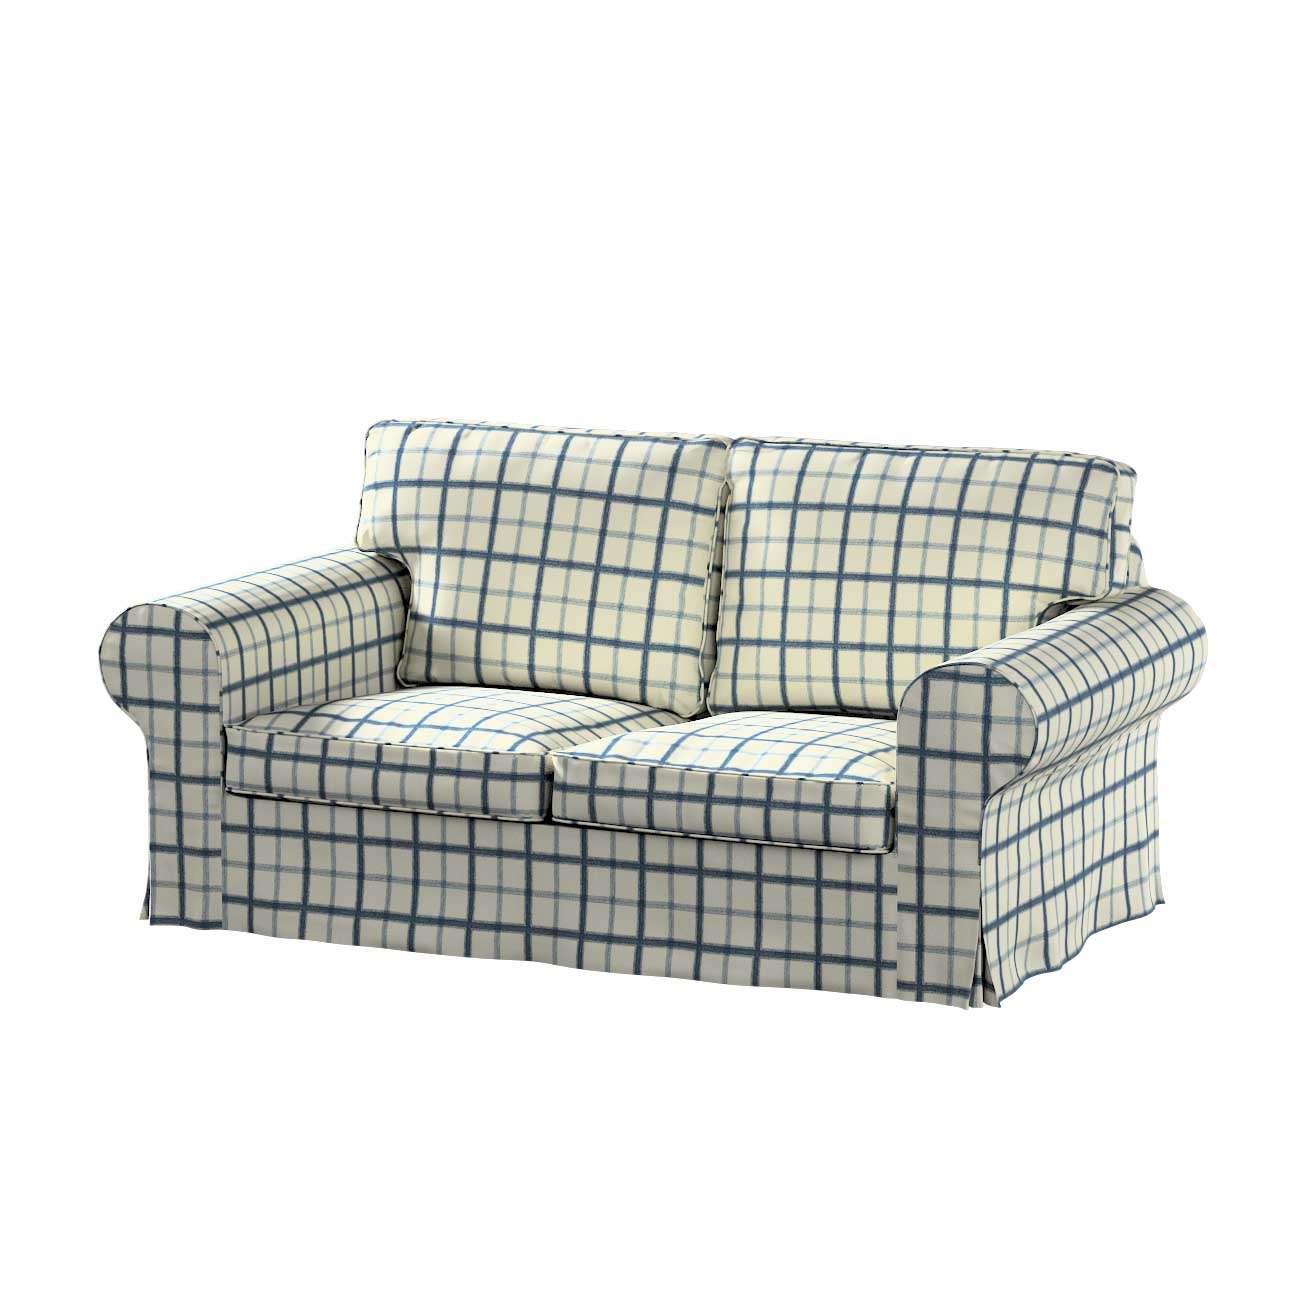 Pokrowiec na sofę Ektorp 2-osobową, nierozkładaną Sofa Ektorp 2-osobowa w kolekcji Avinon, tkanina: 131-66